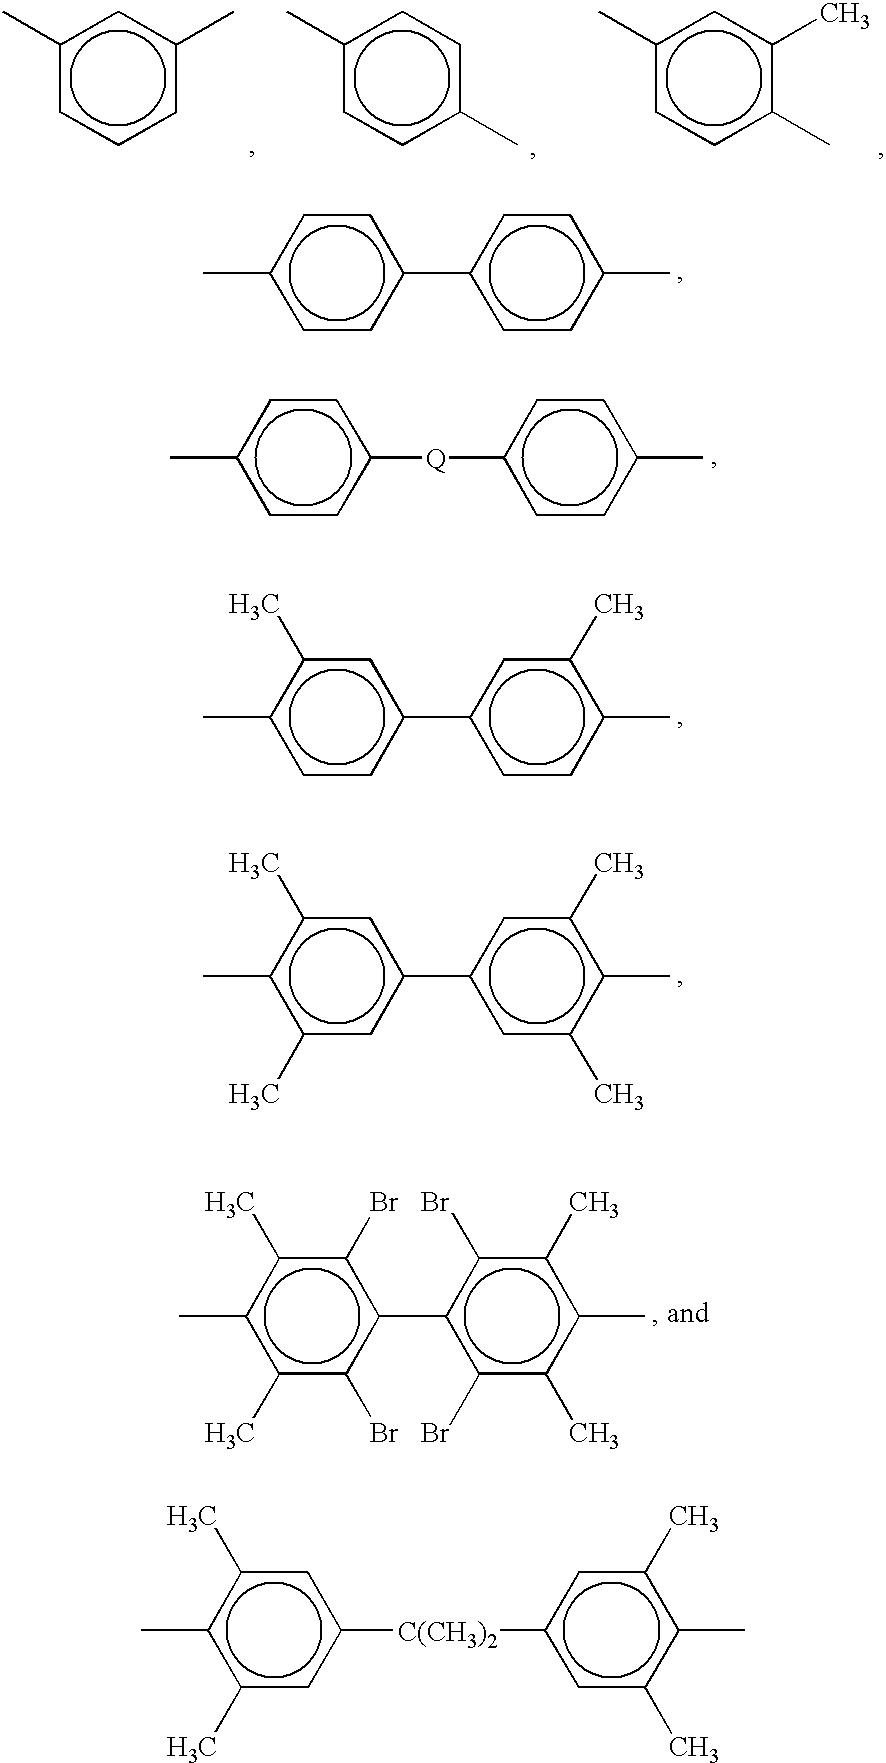 Figure US20030004268A1-20030102-C00037